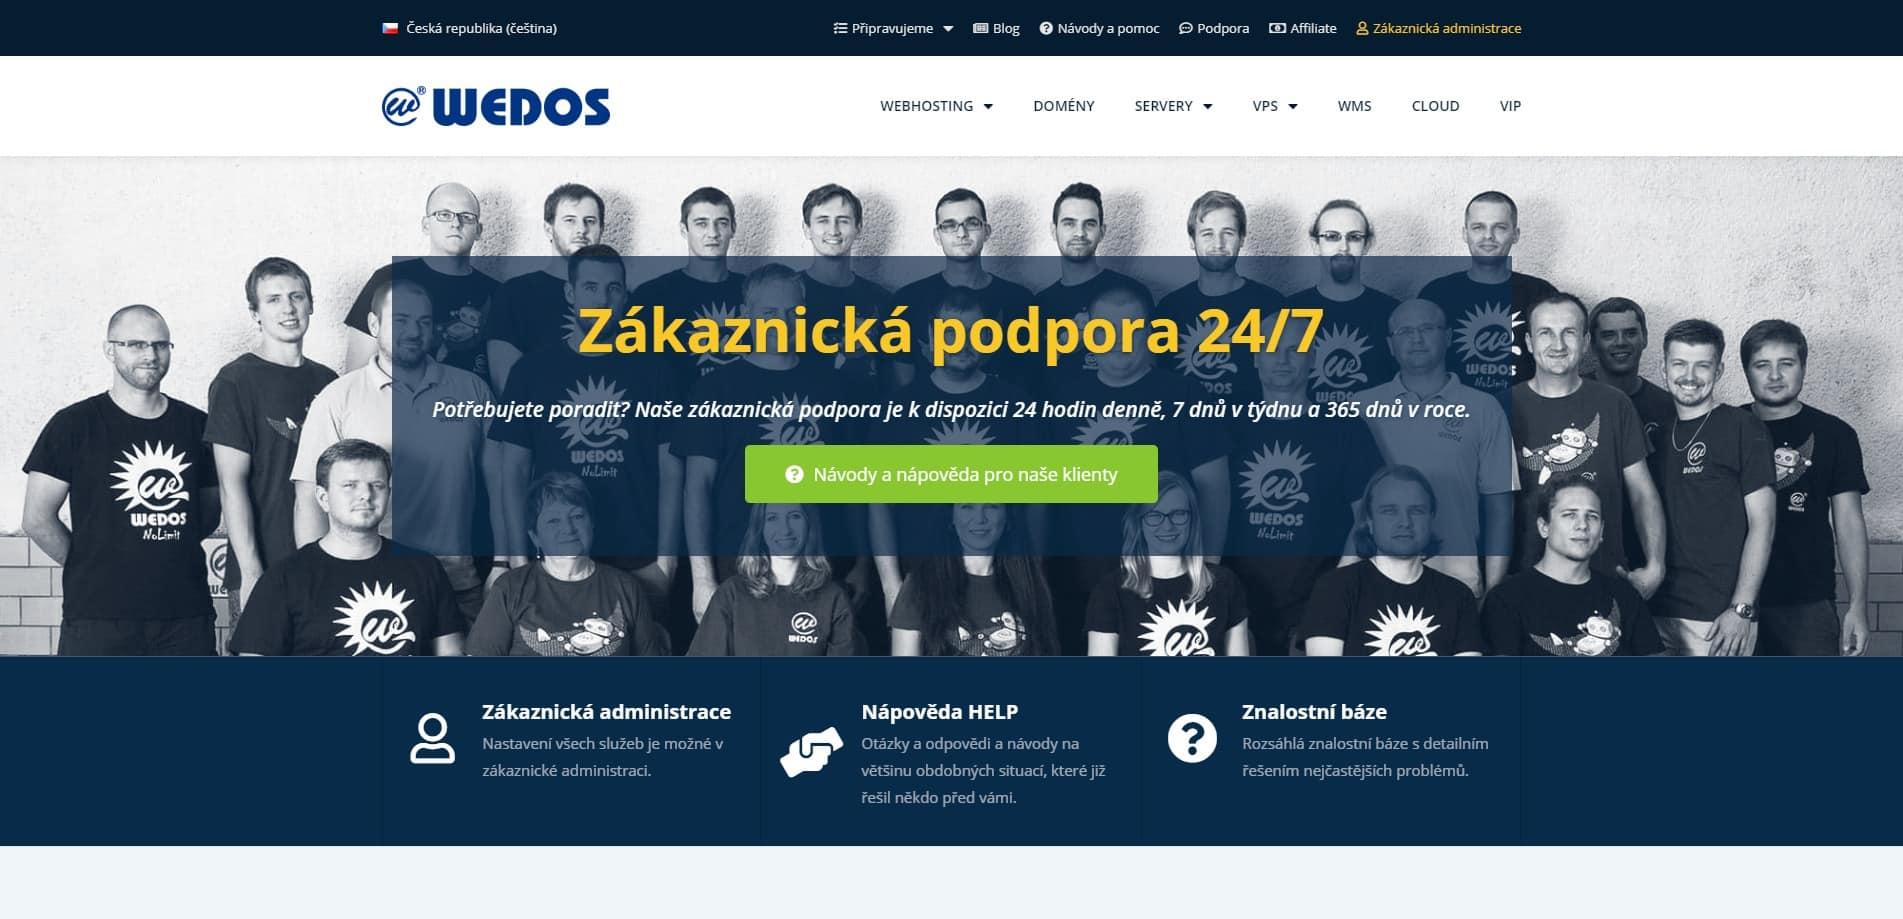 Snímek titulní stránky zákaznické podpory WEDOS, fotografie členů týmu